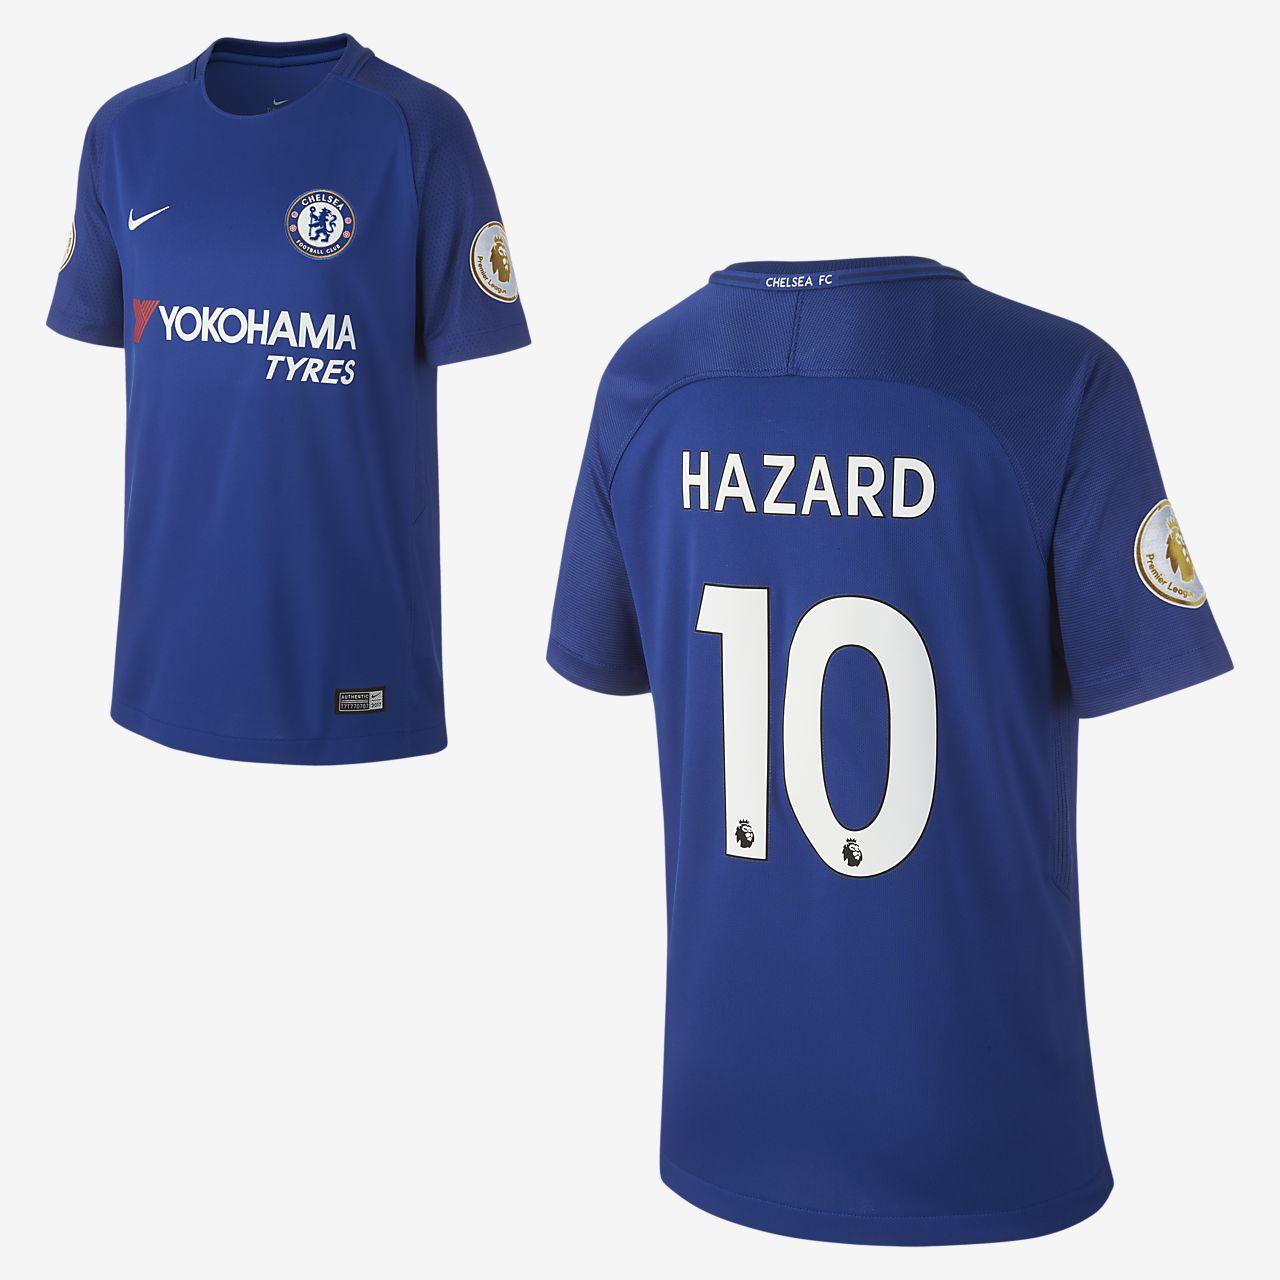 Camiseta de fútbol para niños talla grande Chelsea FC (Eden Hazard) de local para aficionados, temporada 2017/18